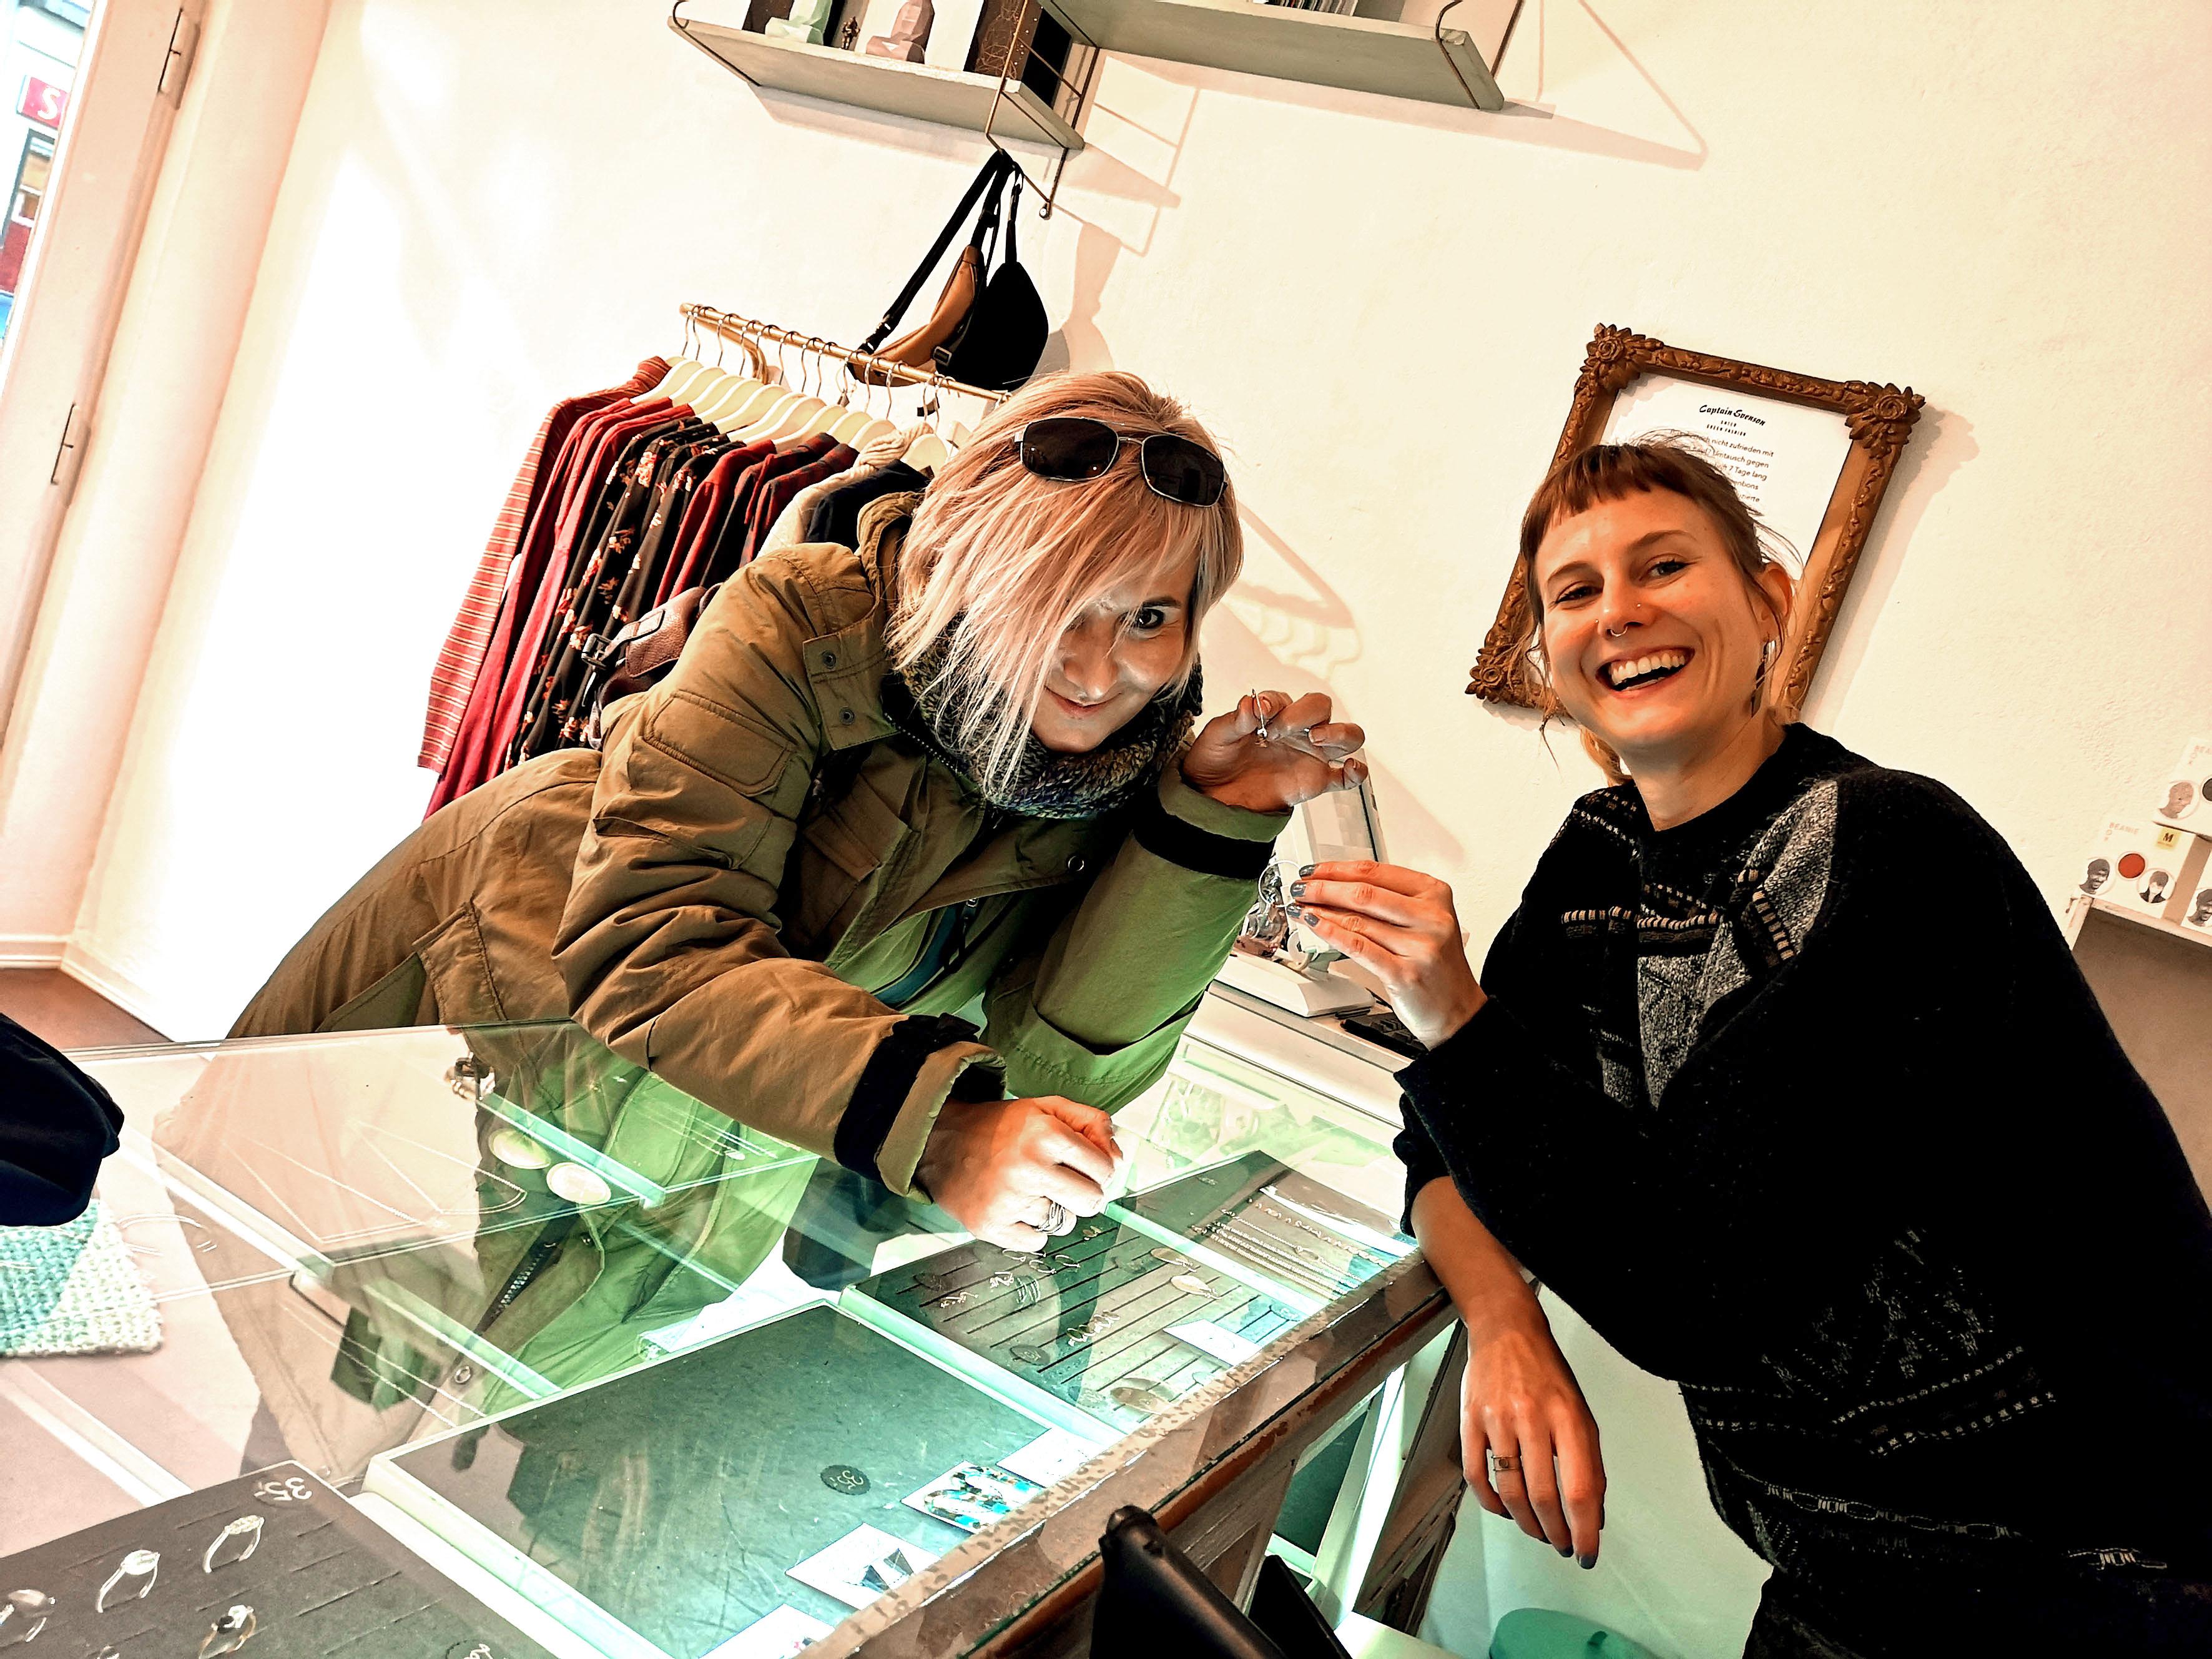 Foto: Michael B. Rehders - Während der Kleiderauswahl fürs Photoshooting entdeckte Bianca ein paar schöne Schmuckstücke. Hier posiert sie zusammen mit Svenja von Captain Svenson.